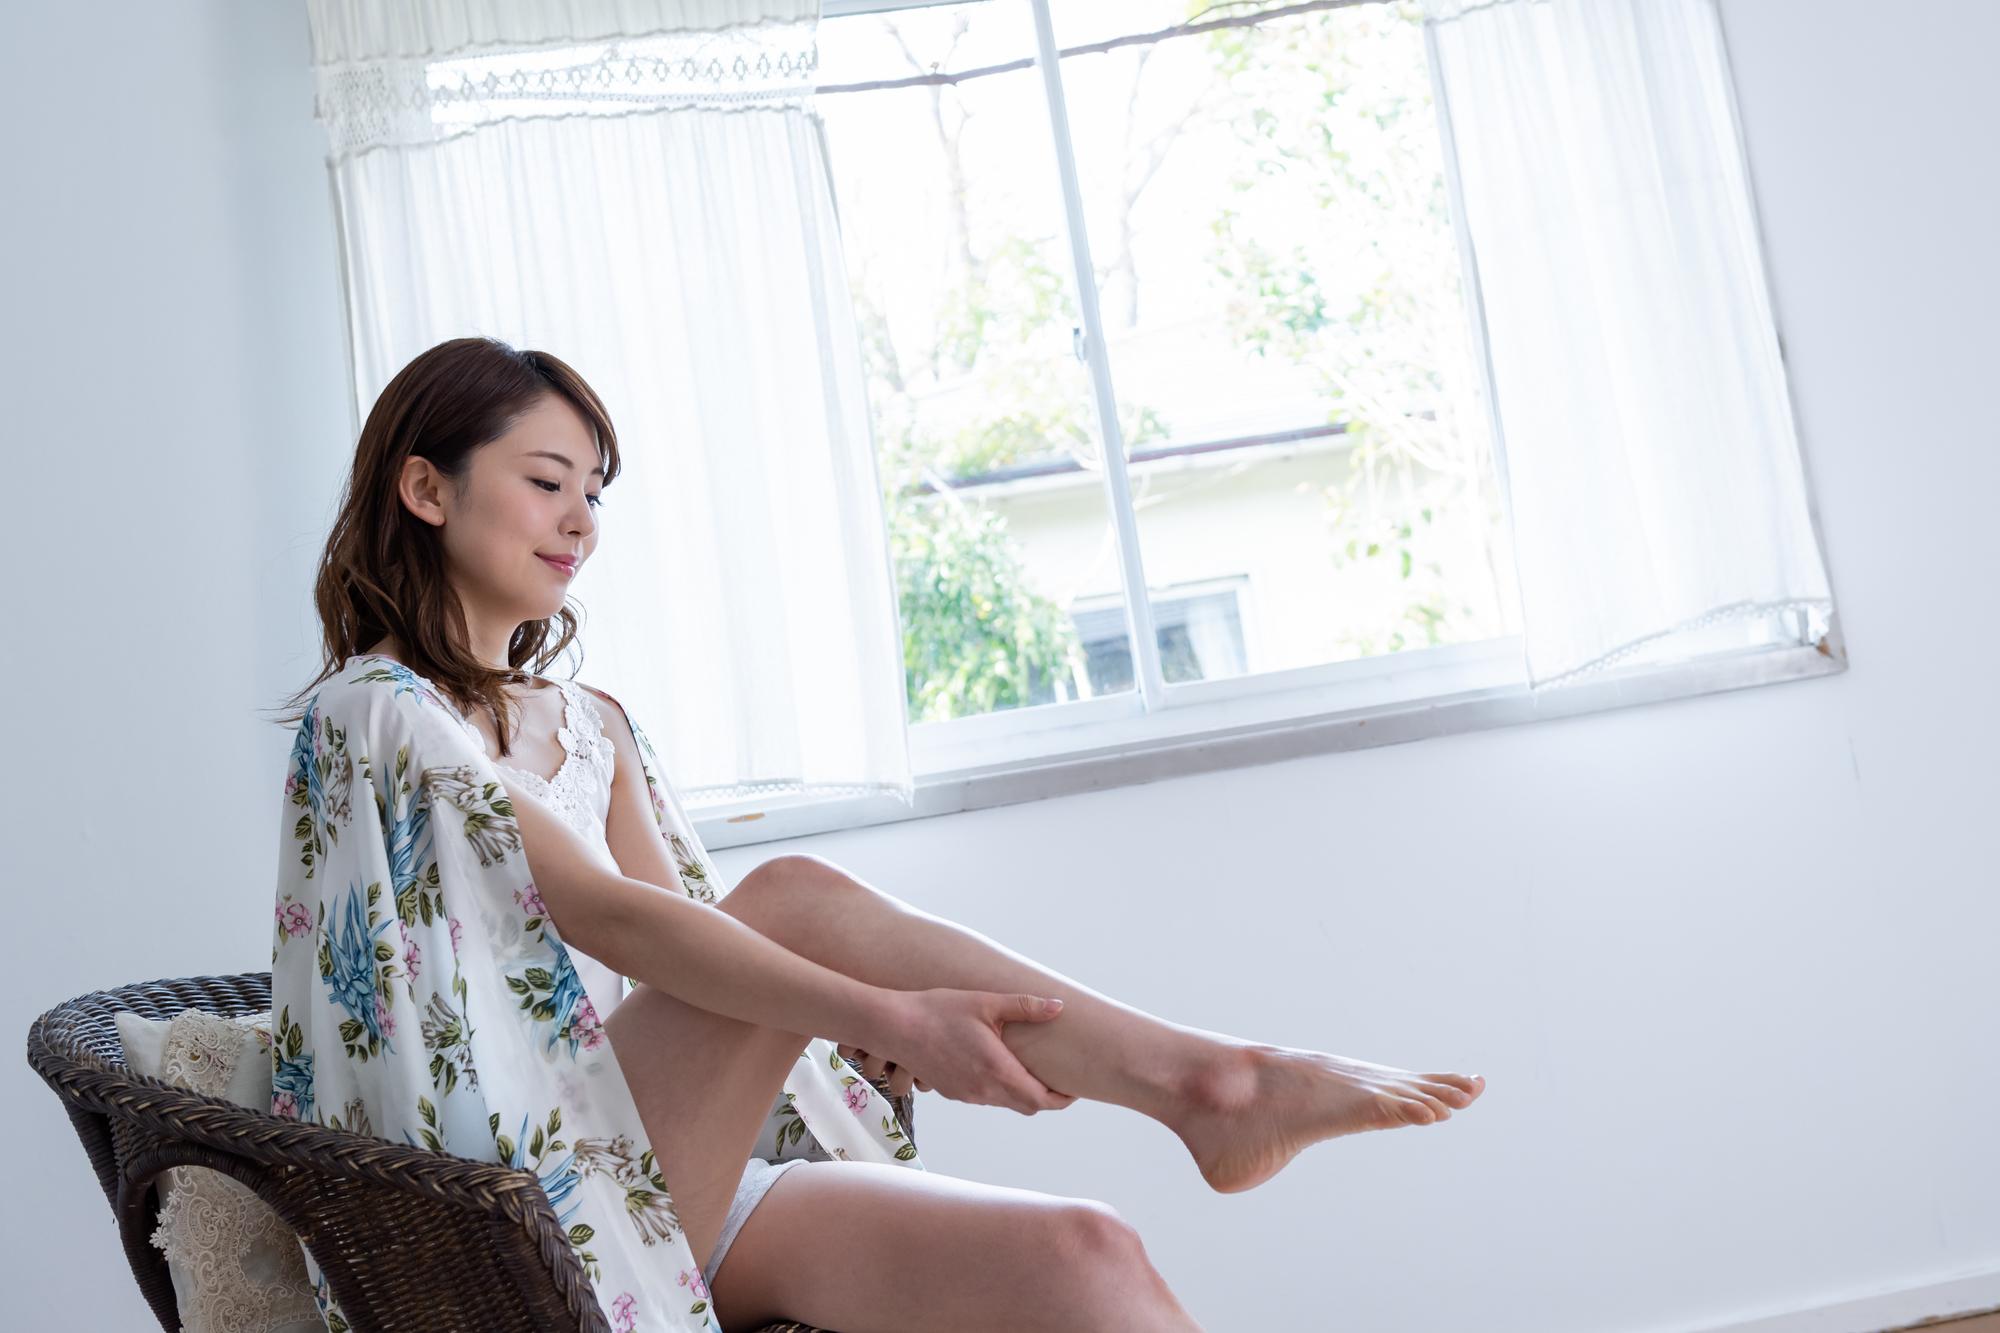 大阪でも人気の銀座カラーは痛みが少なくて効果の高いIPL脱毛を採用